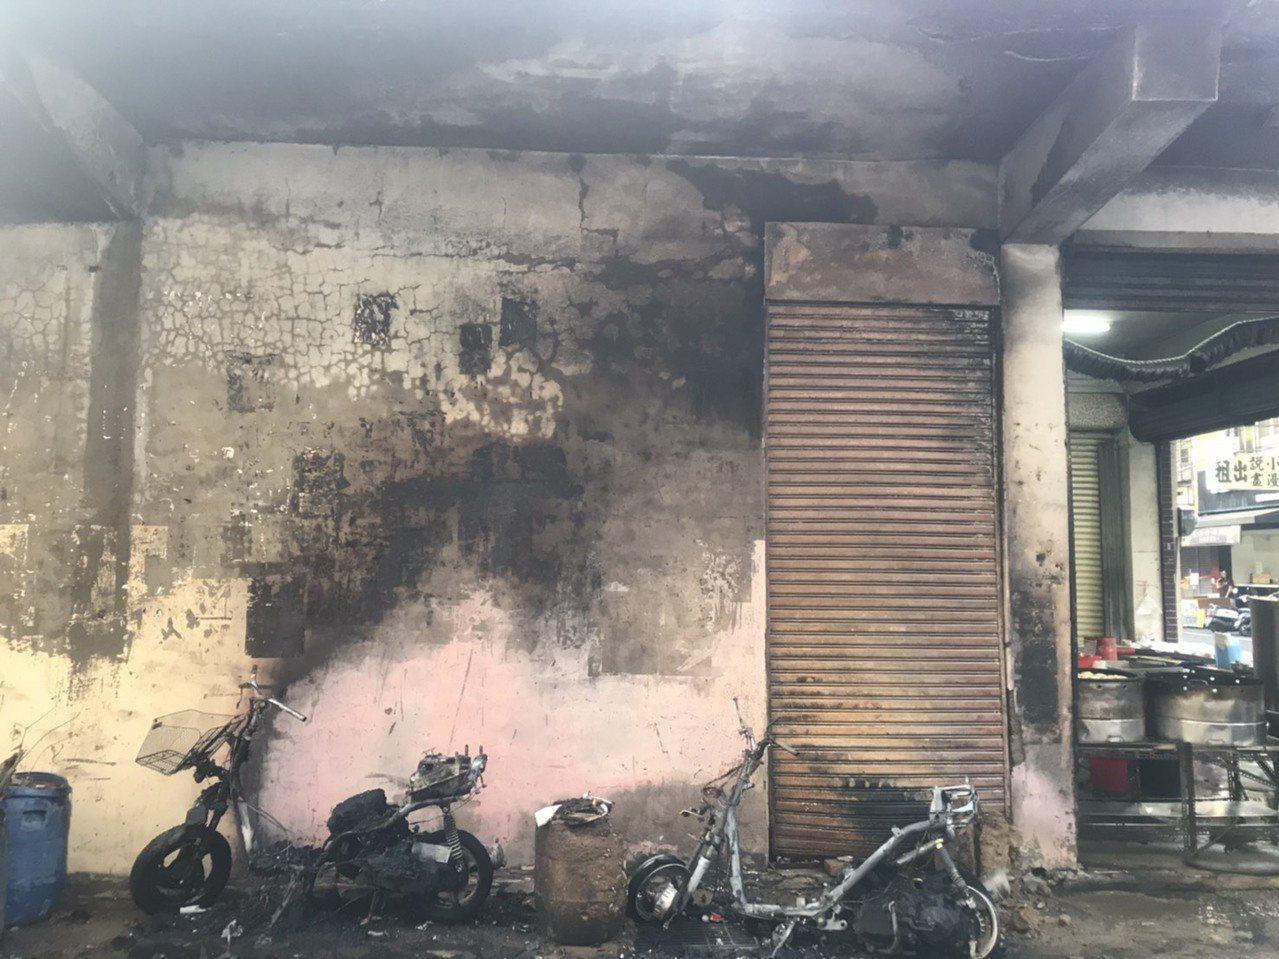 台中市大里區塗城路一處民宅前的攤商下午4時許疑因瓦斯管線起火,釀起一場火災,所幸...